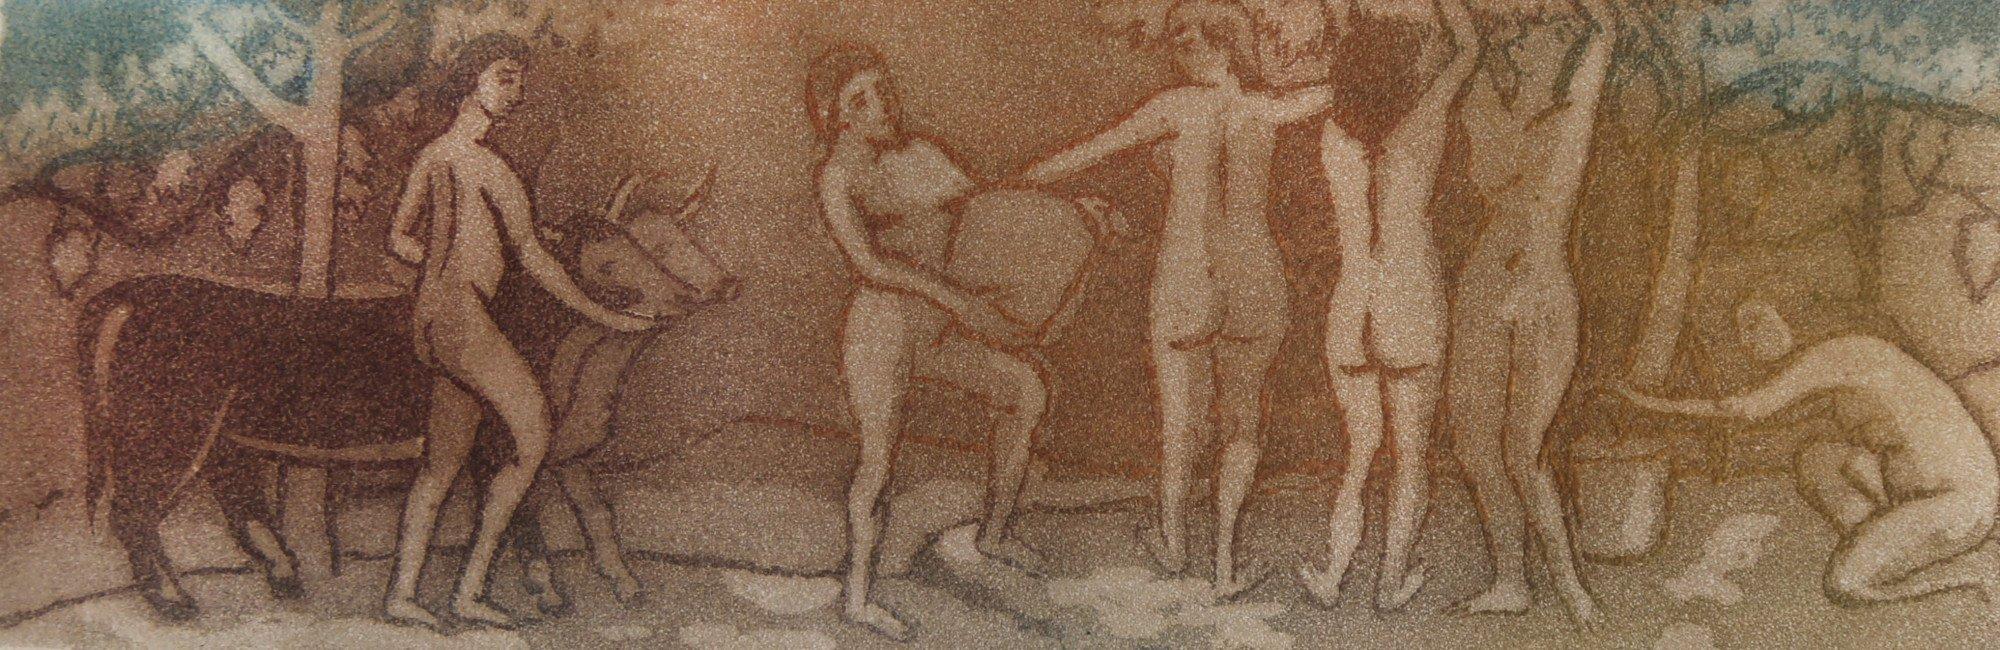 Figurative Aquatint Drawing: